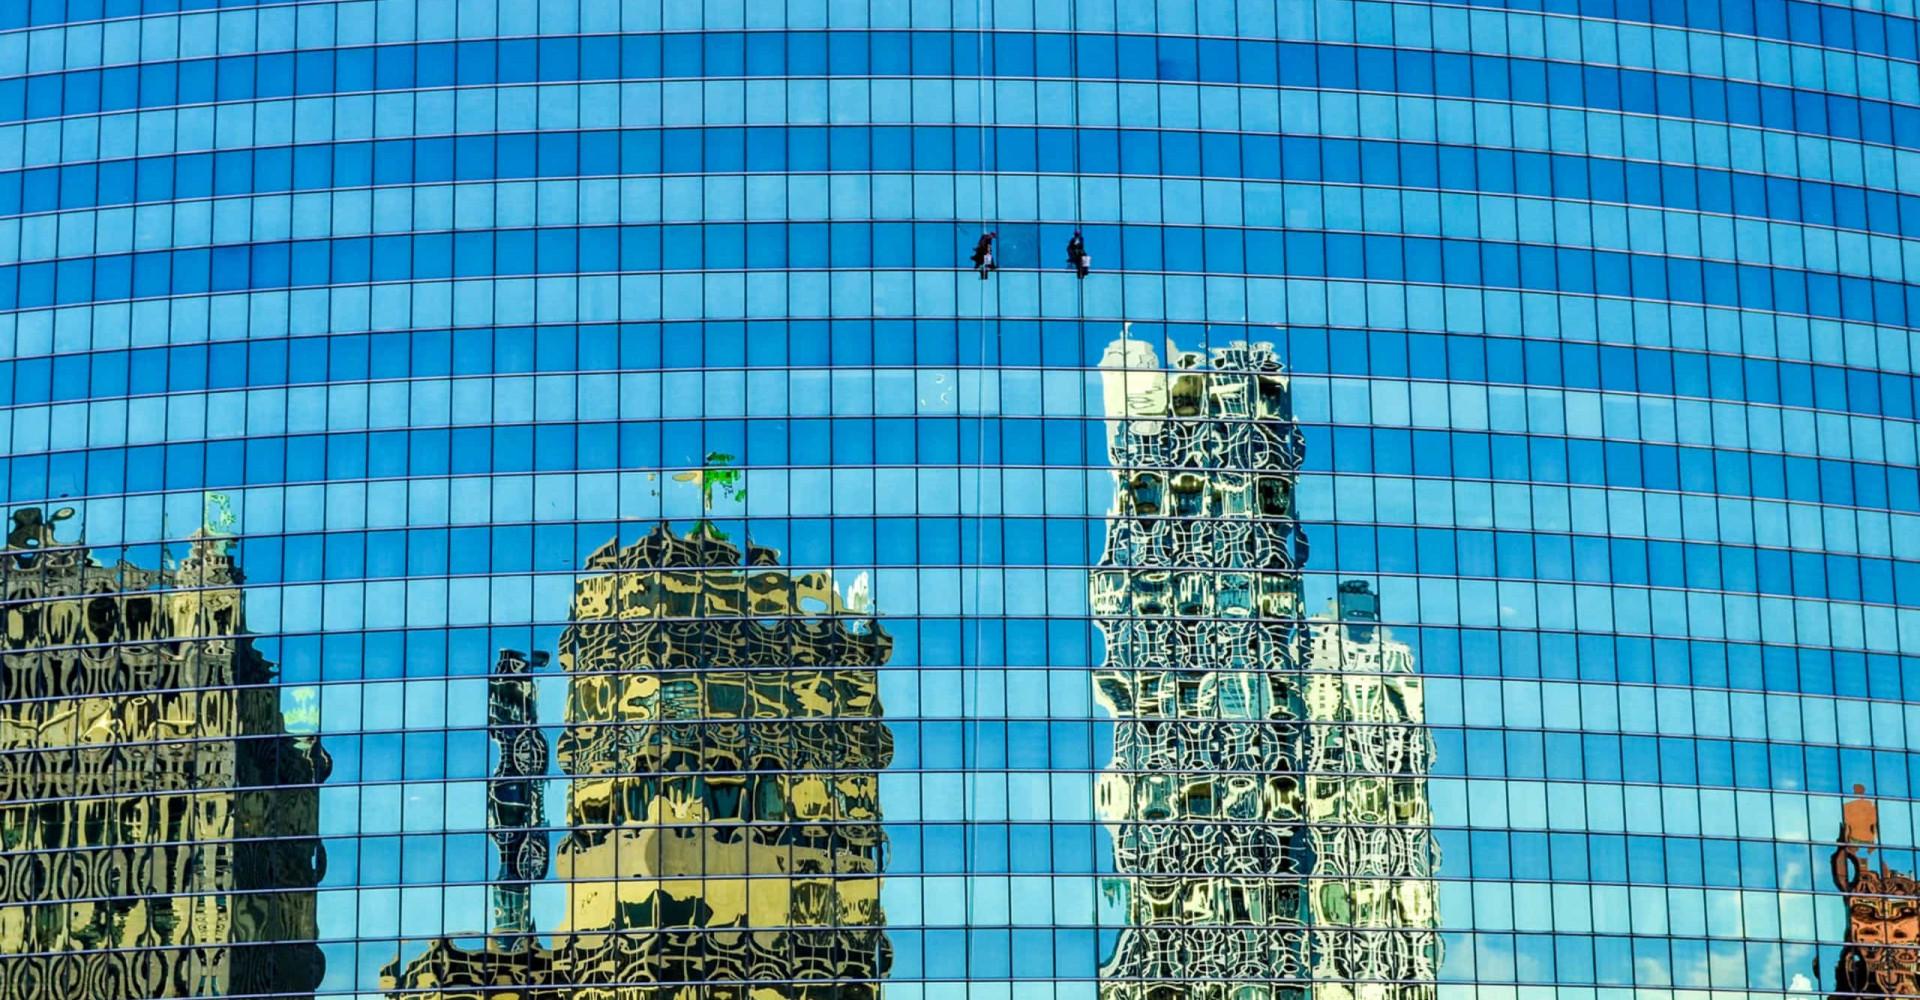 Det svindlade livsfarliga arbetet att tvätta fönster på skyskrapor